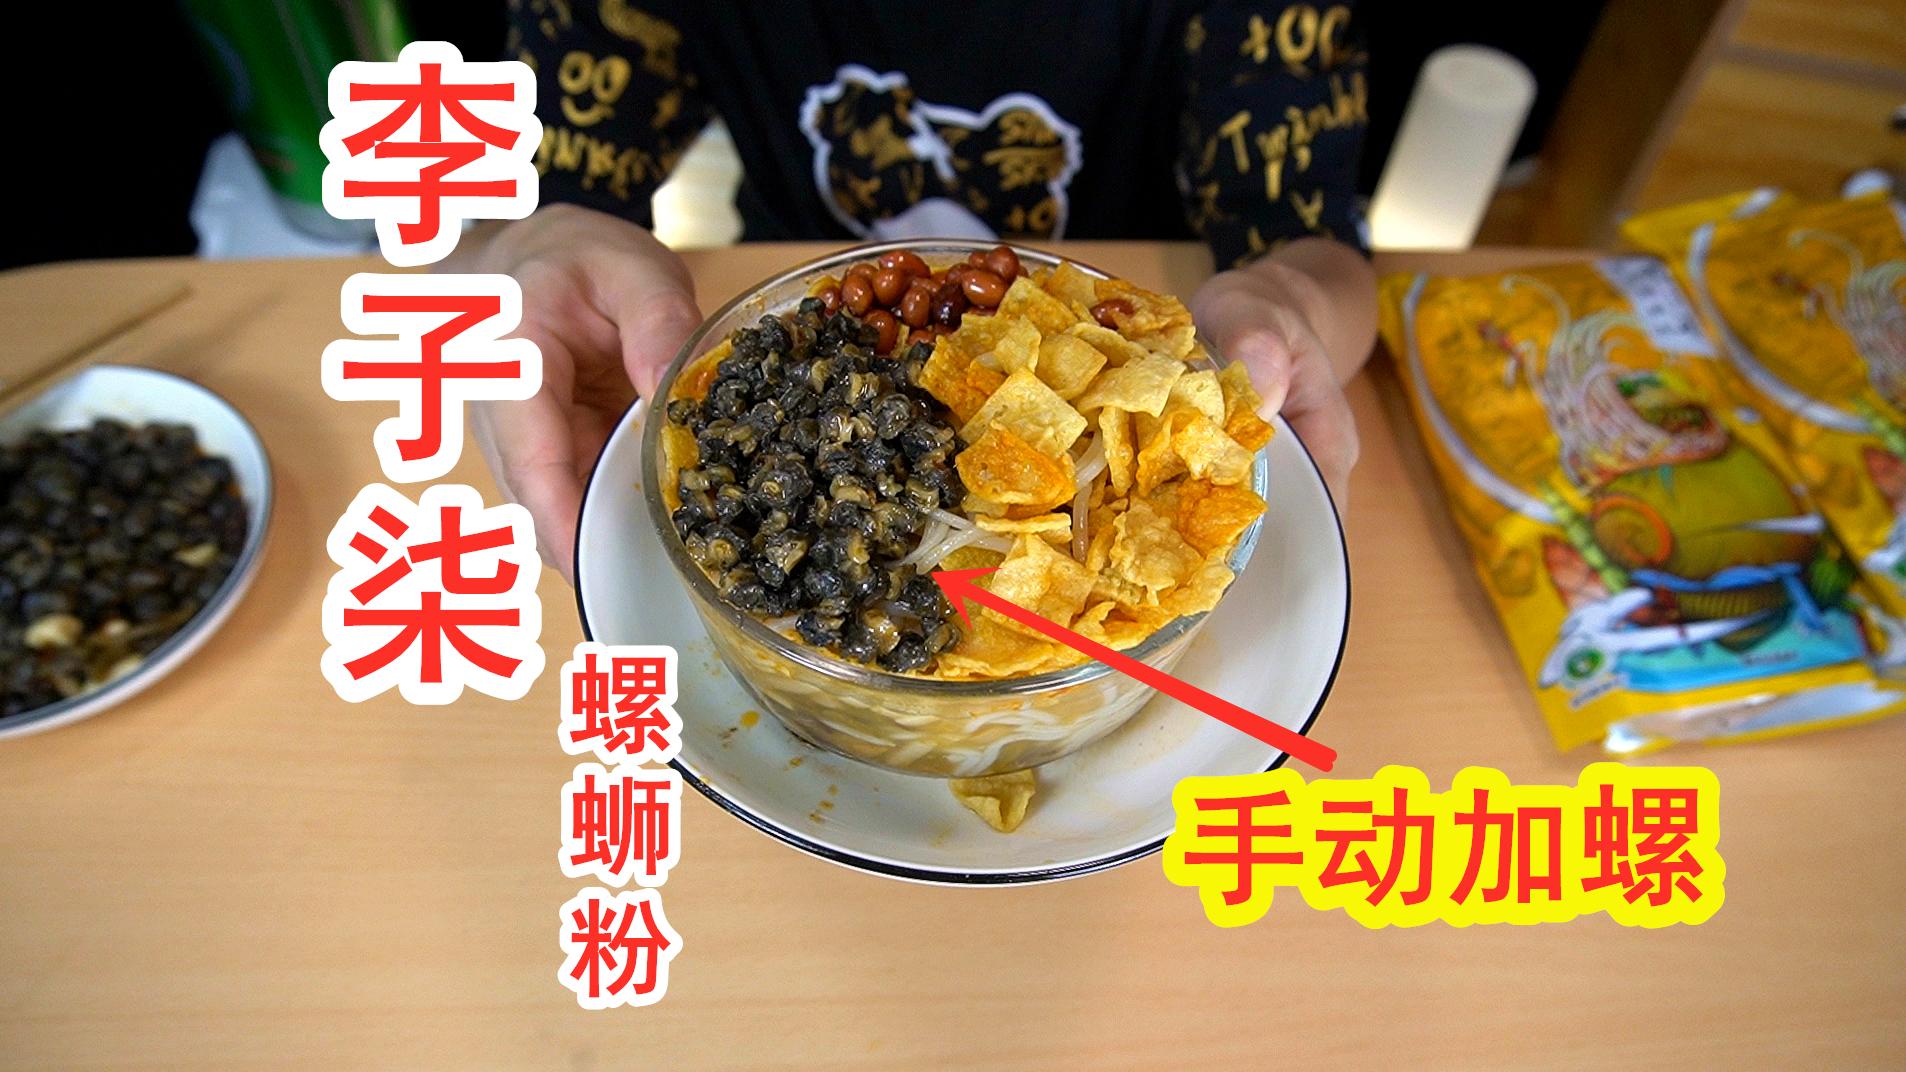 月销百万的李子柒螺蛳粉到底味道如何?最后连汤带渣都喝光了